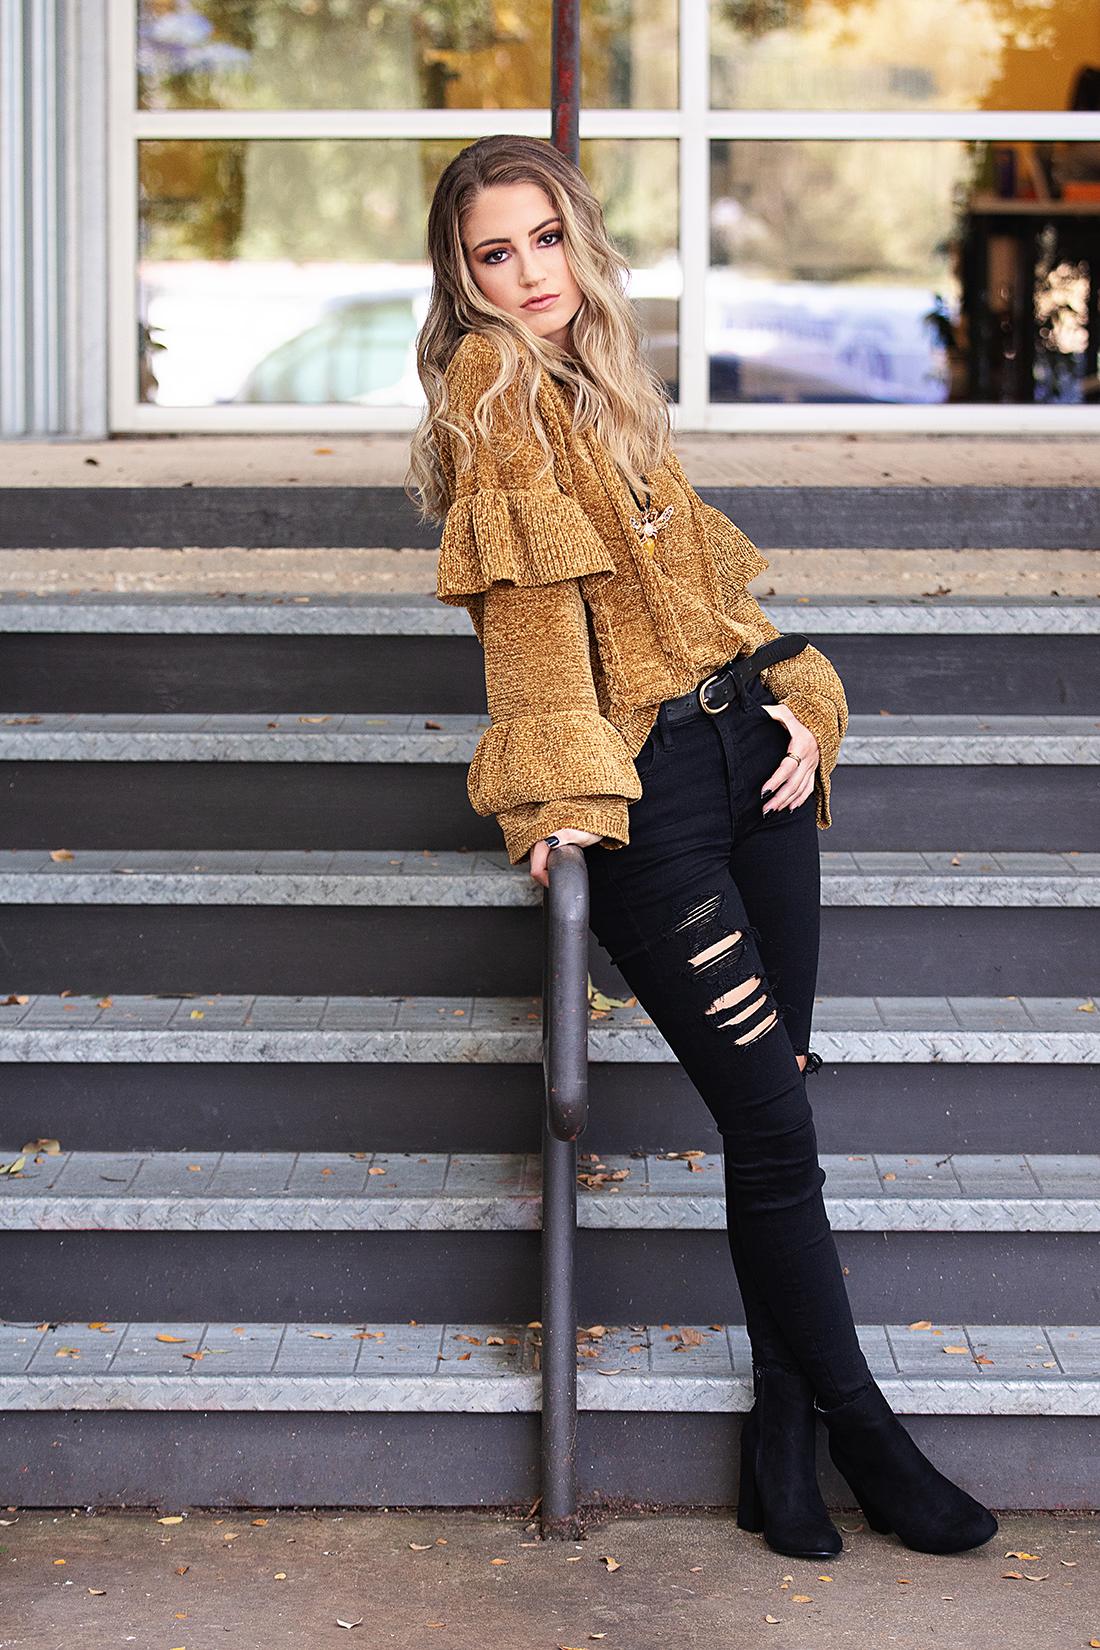 senior girl posing A8326-1.jpg